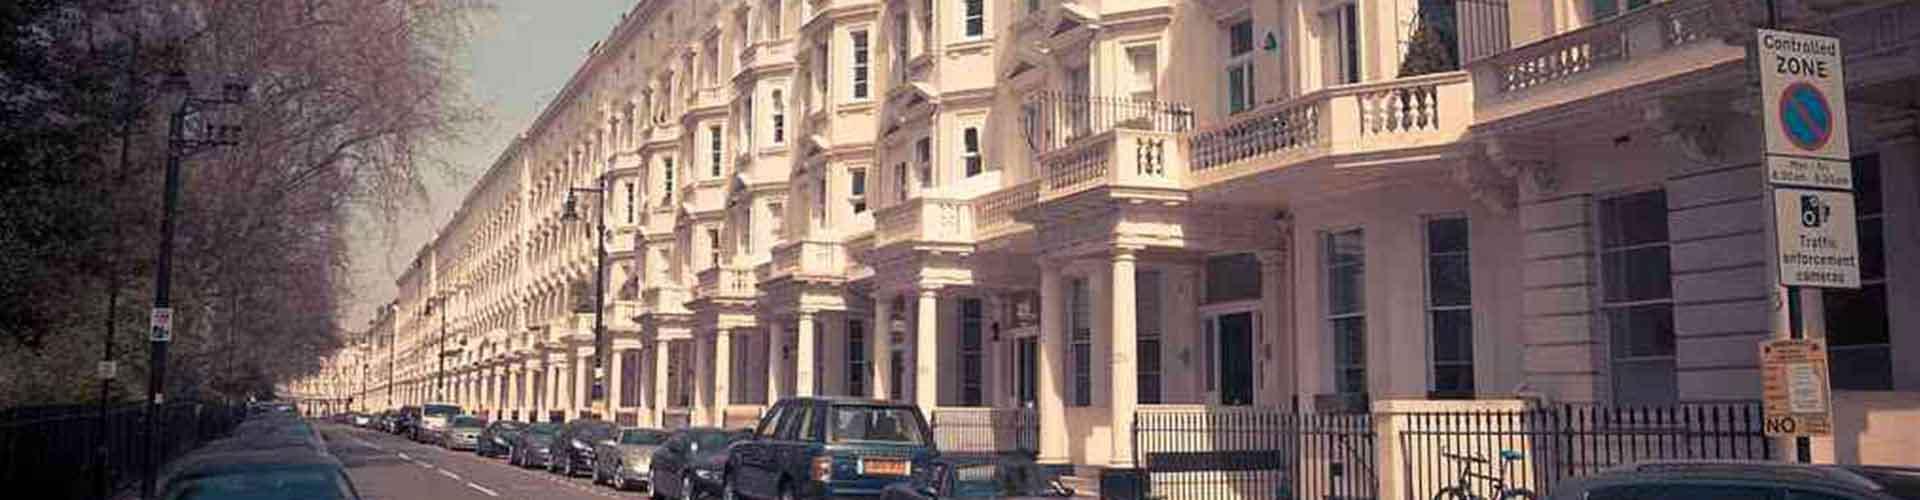 ロンドン – Pimlico地区のユースホステル. 地図 ロンドン, すべてのユースホステルの写真とレビュー ロンドン.